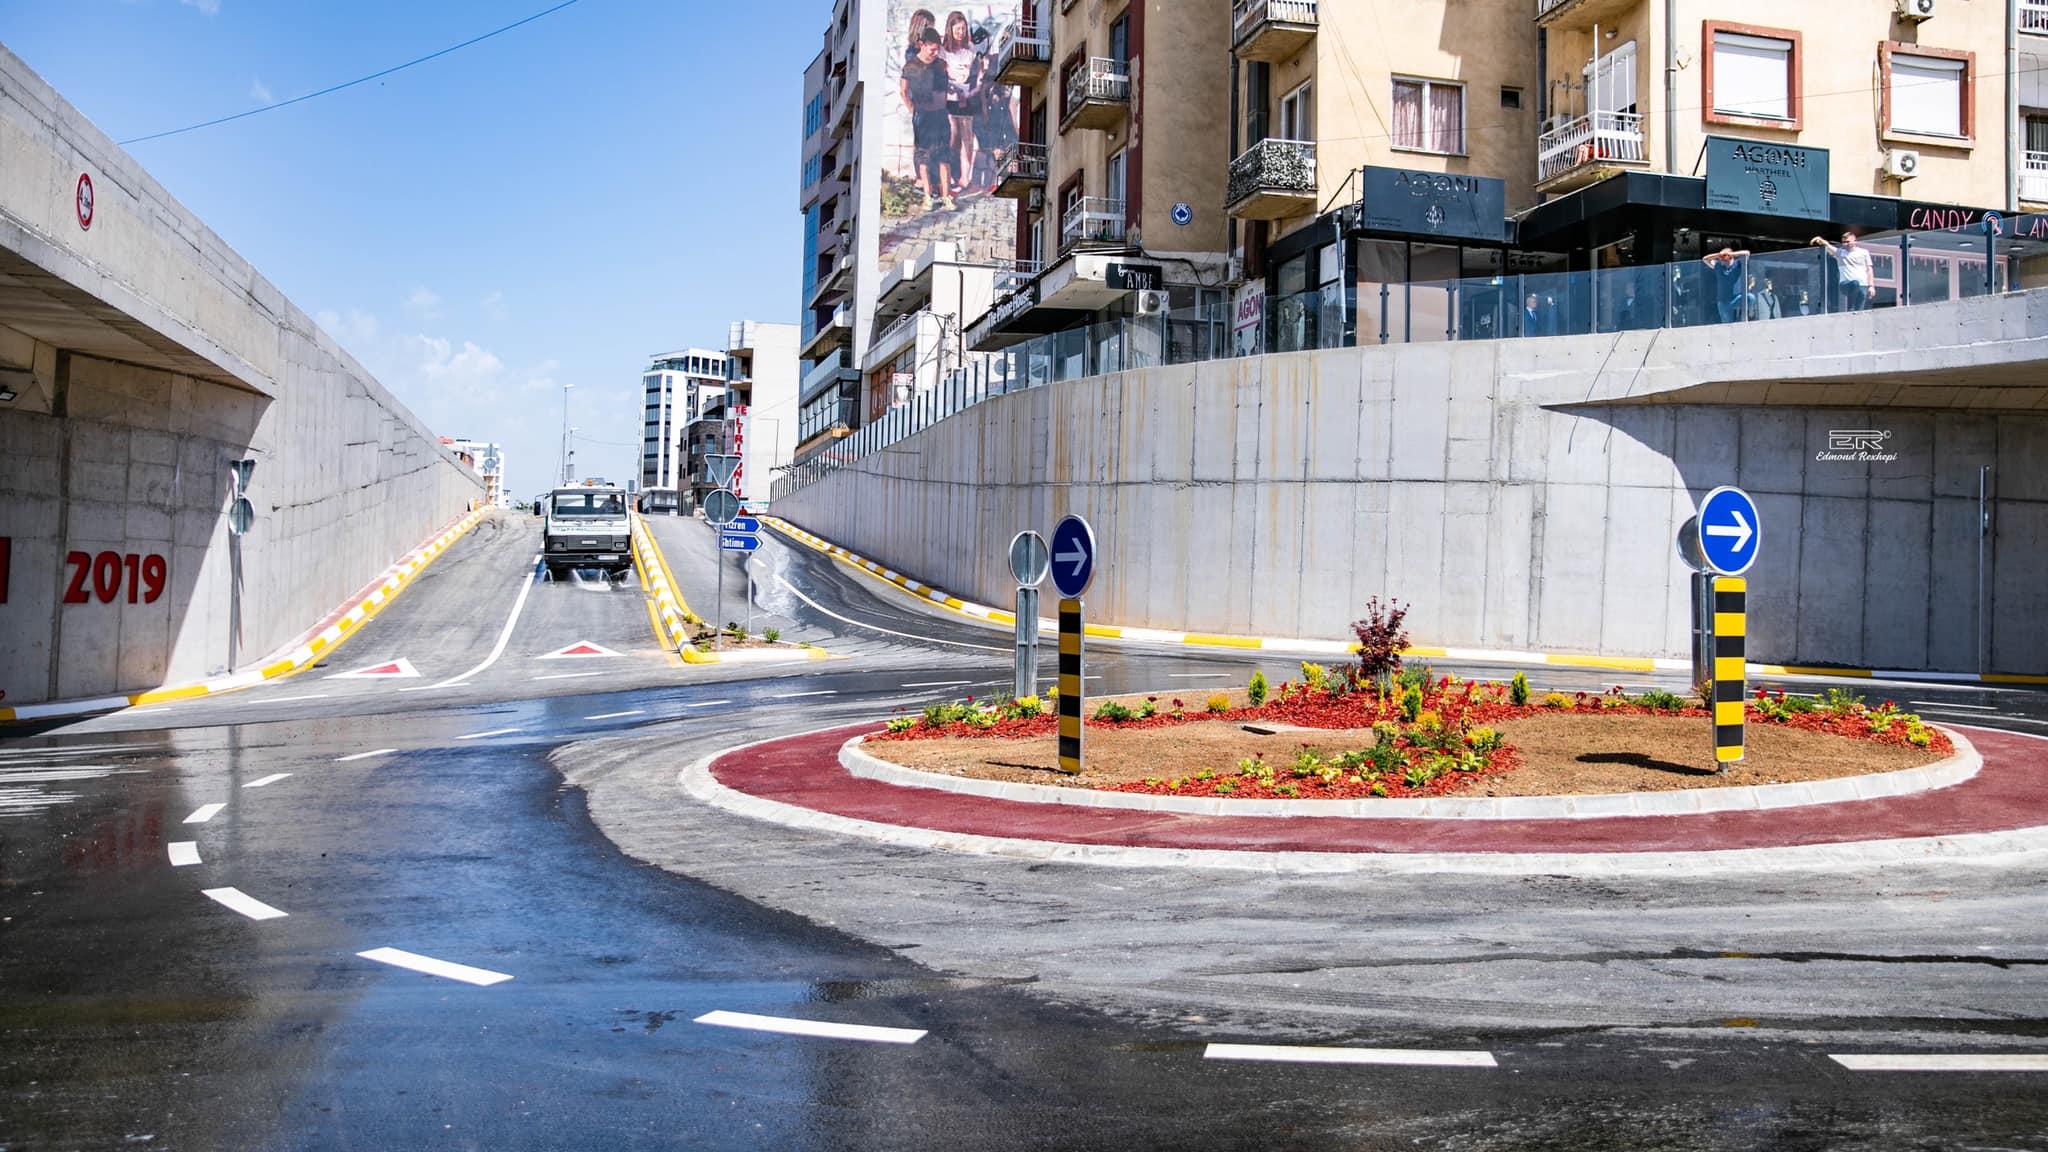 ferizaj 41 - Nuk është në Zvicër por në Ferizaj: Publikohen pamjet nga 'Bashkimi i Qytetit'